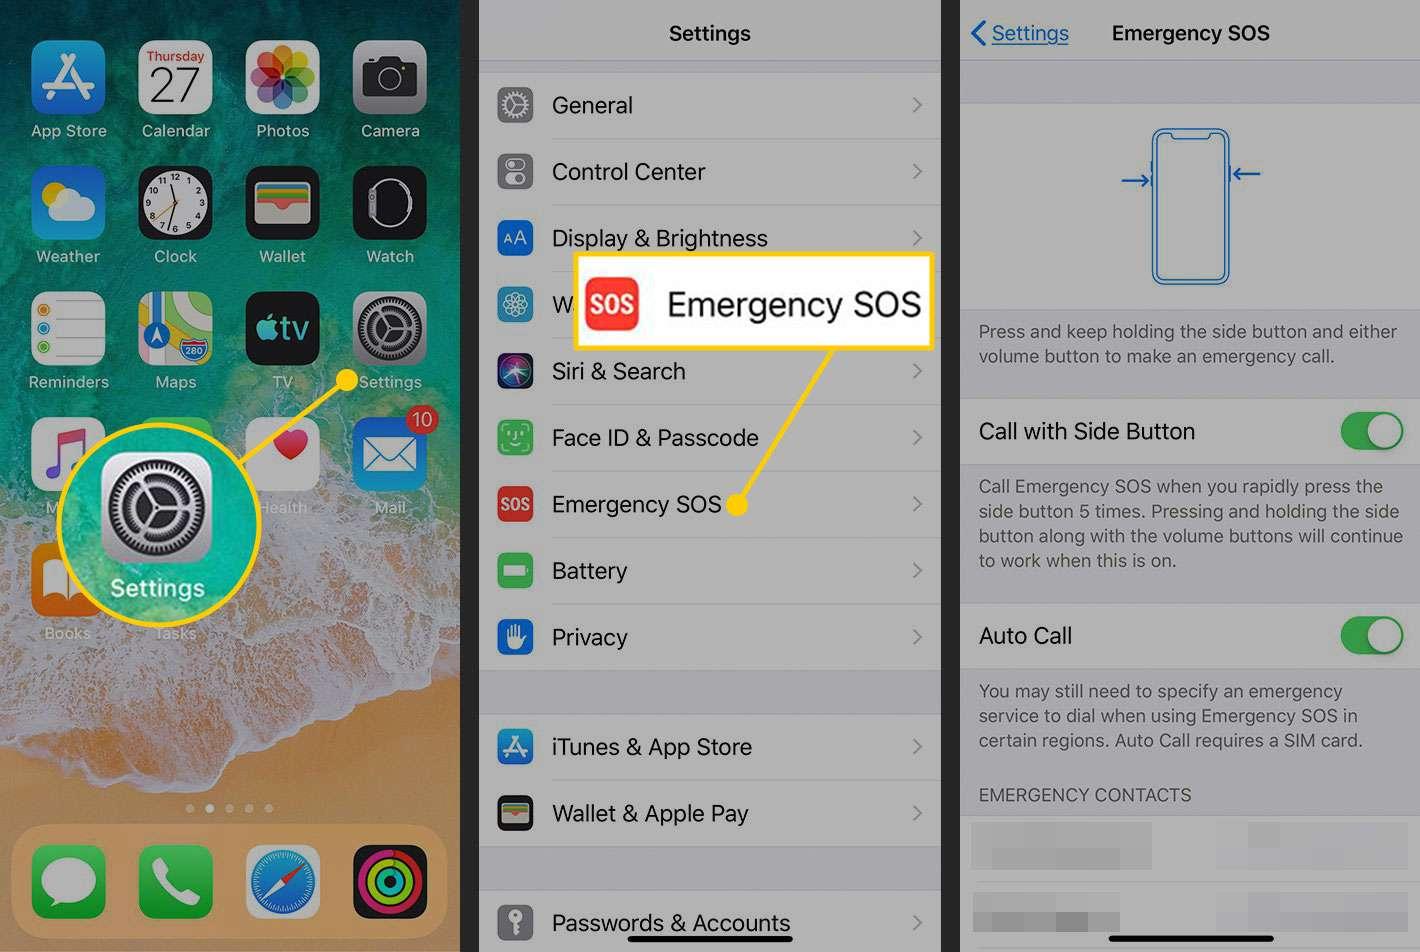 Emergency SOS settings in iOS